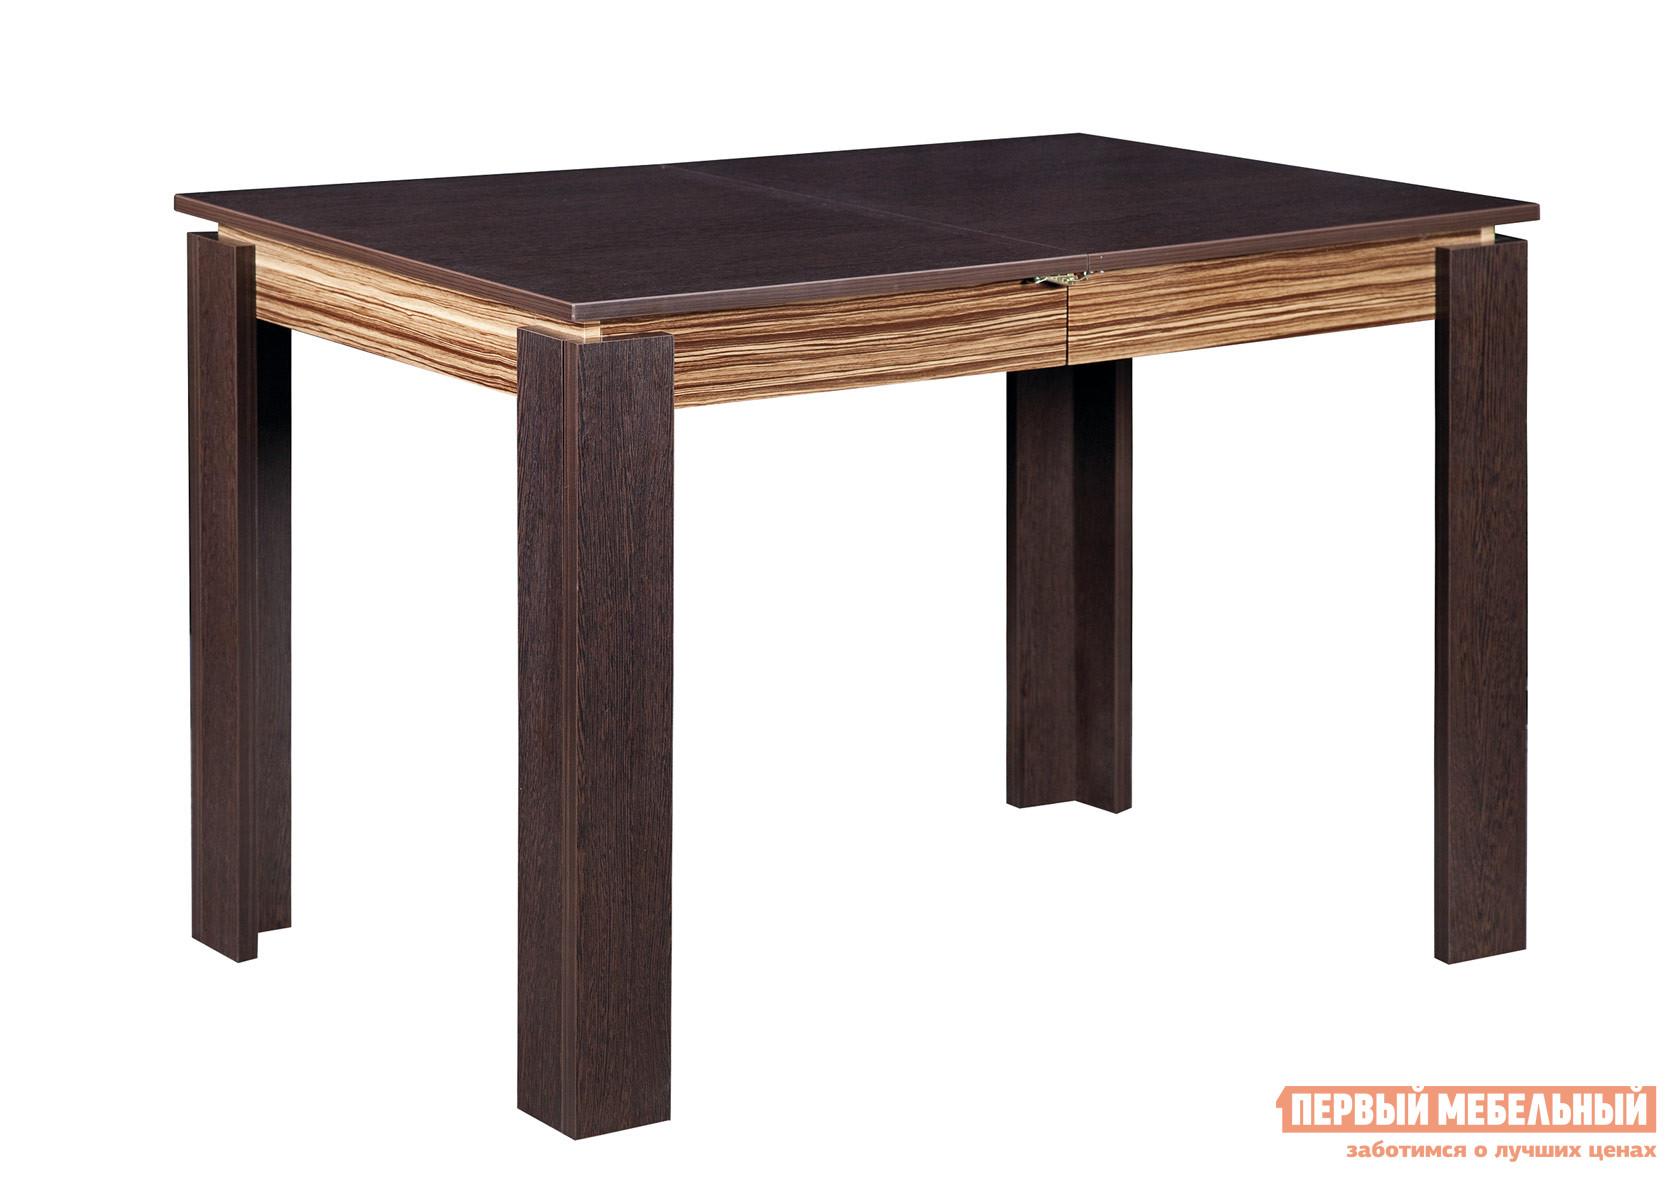 Обеденный стол-трансформер Витра Орфей-16 обеденный стол трансформер витра орфей 16